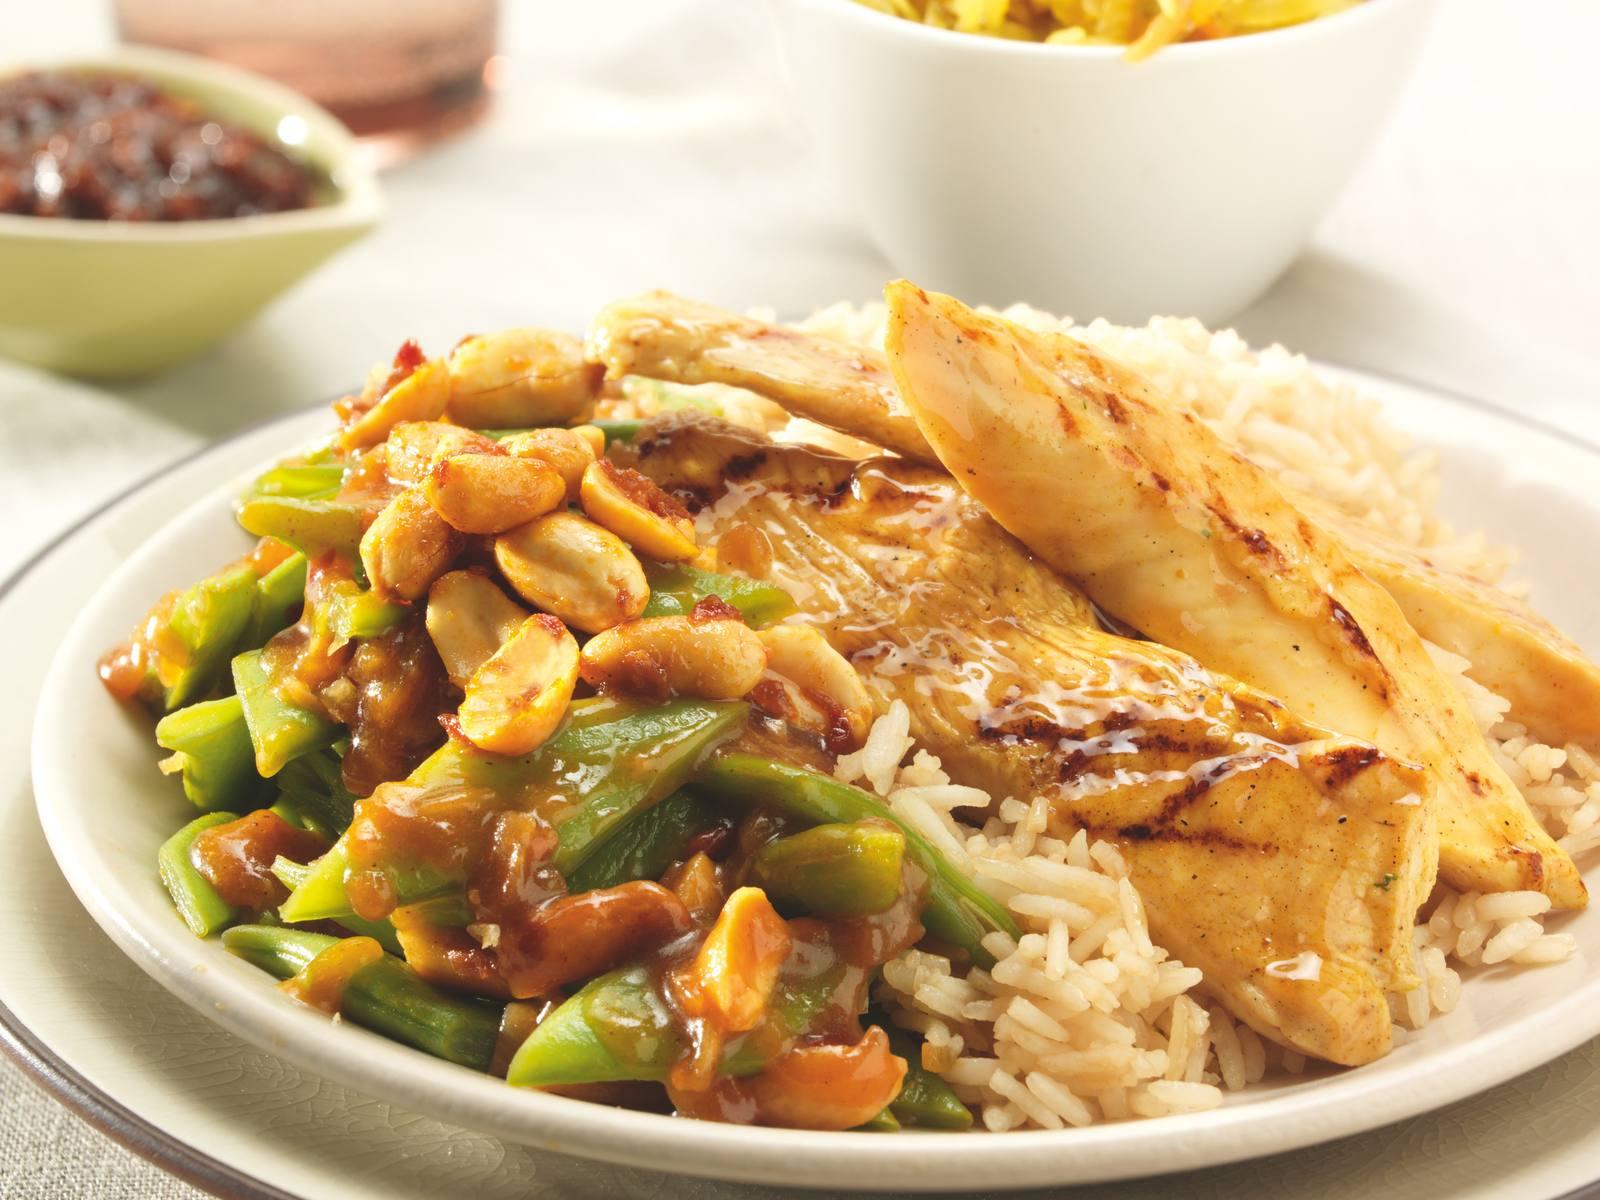 Sajoer Boontjes van snijbonen met soja rijst en BBQ kip